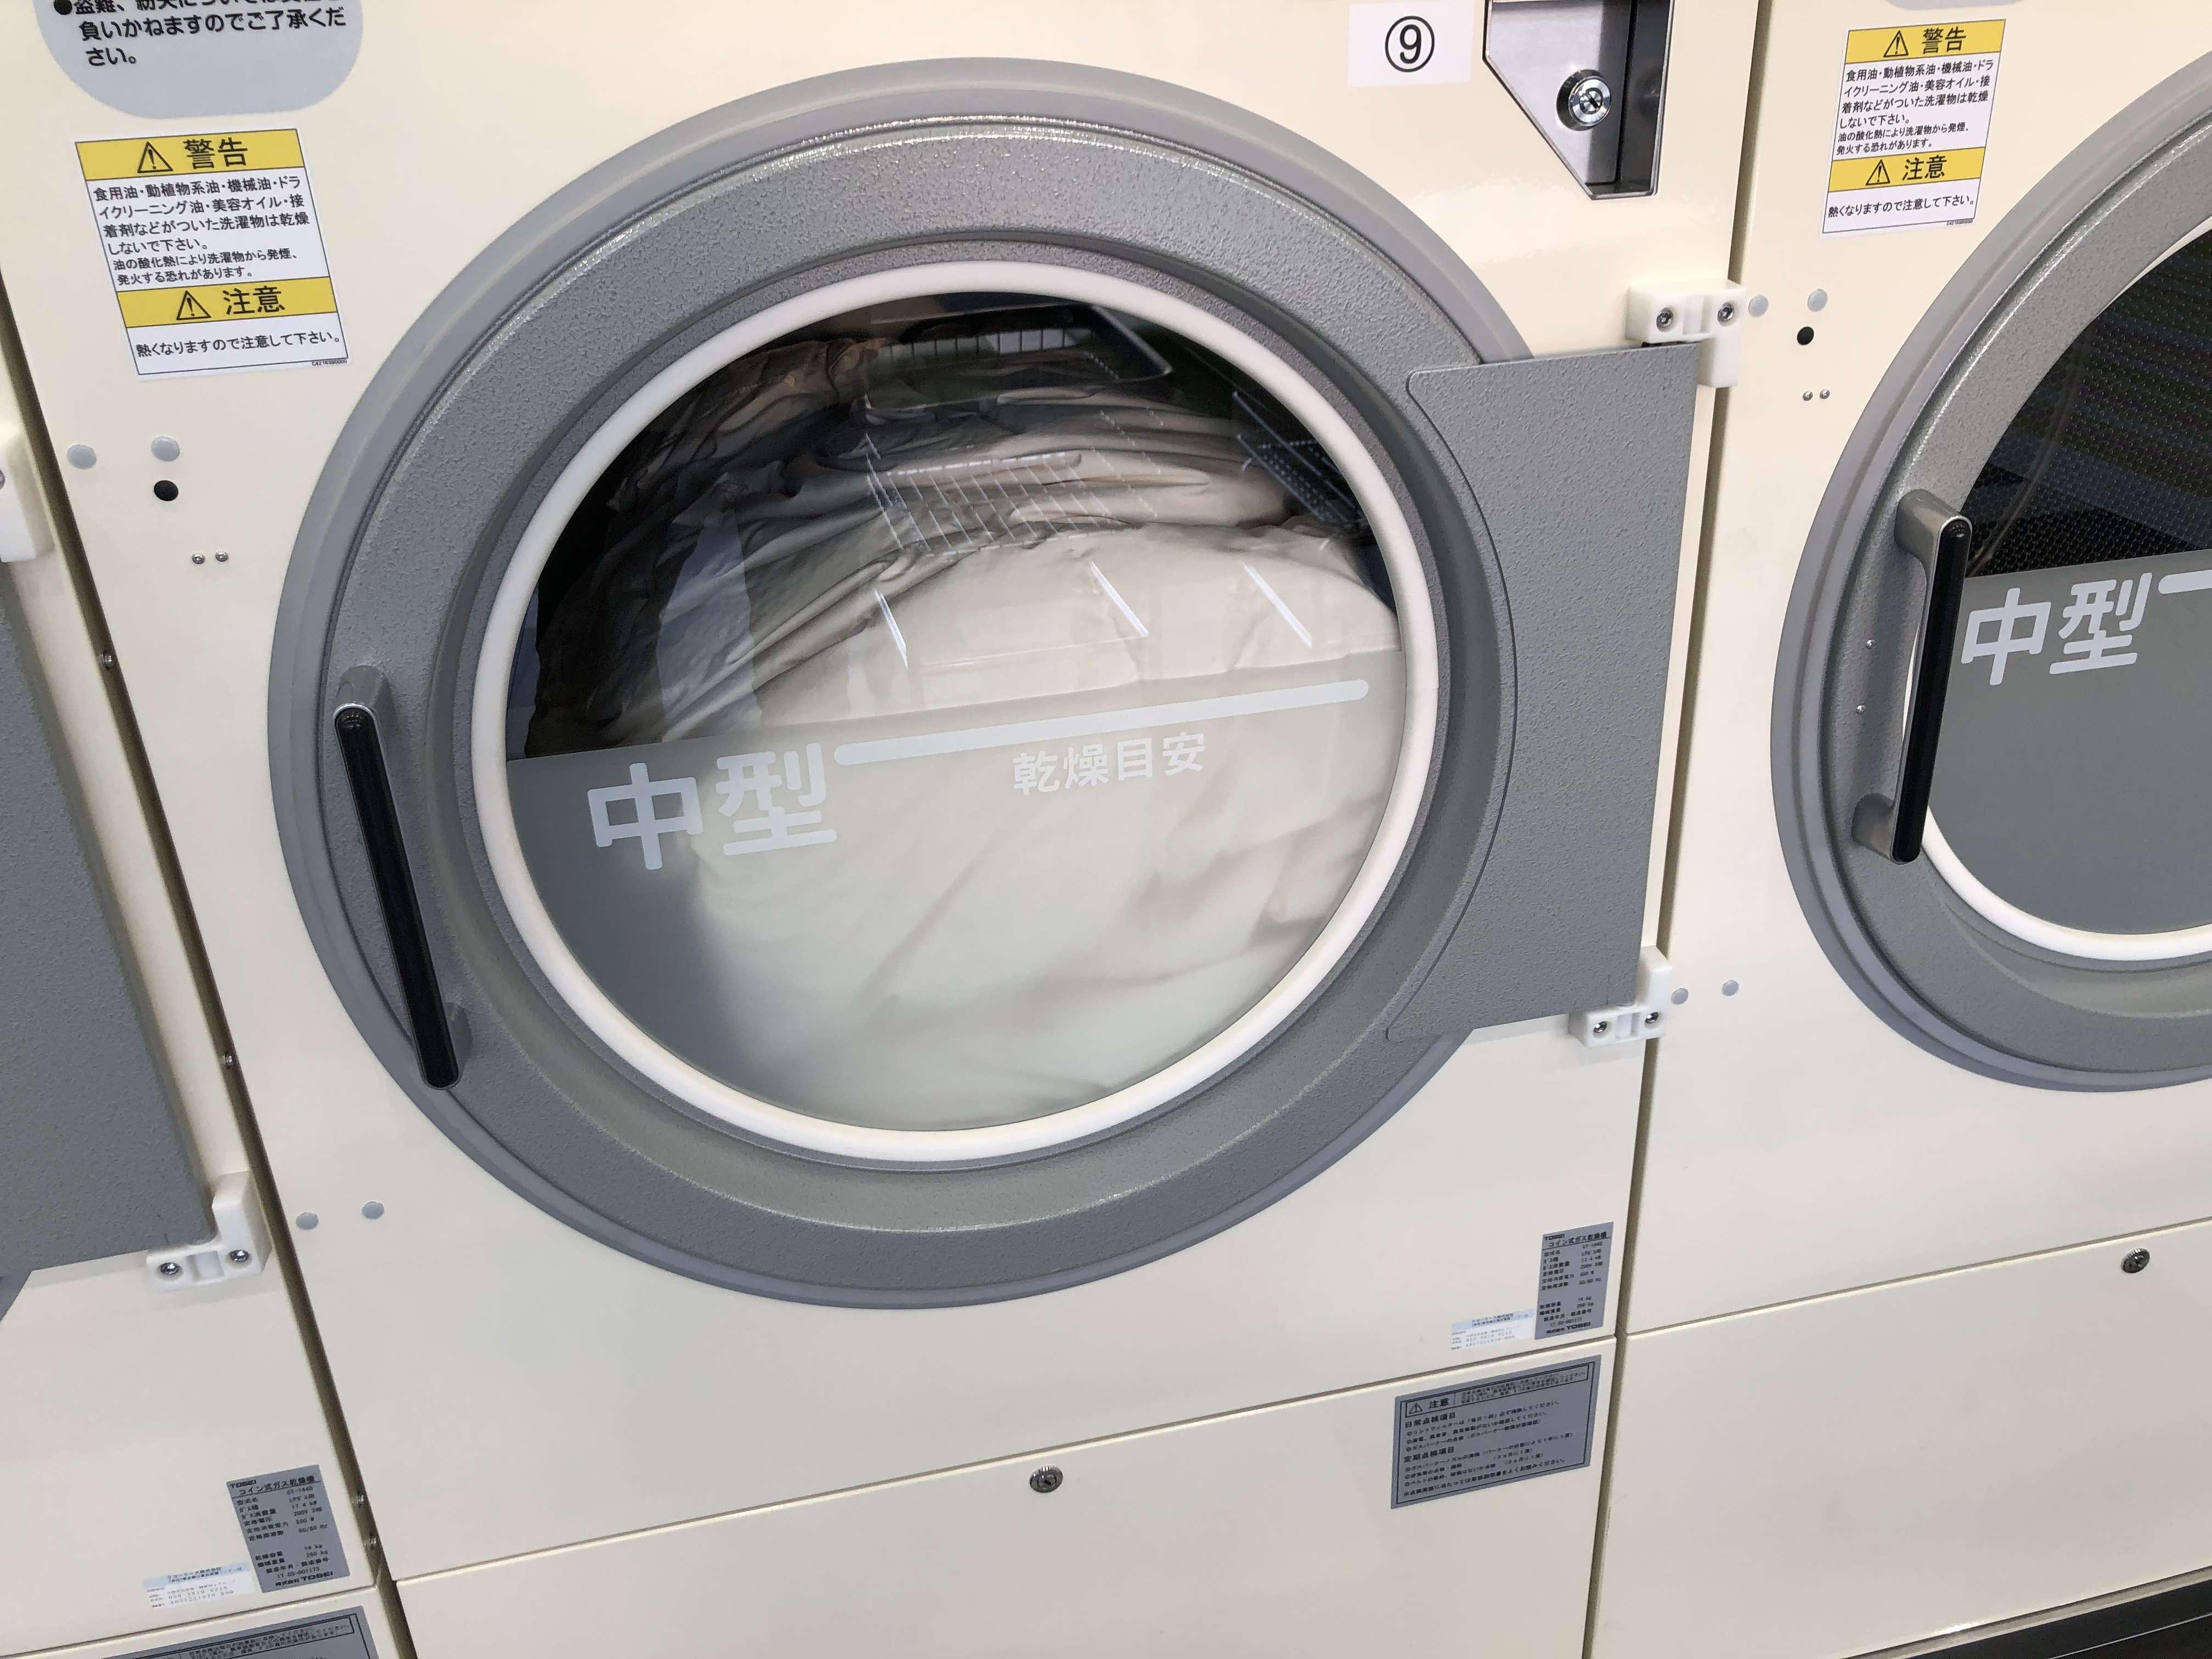 羽毛布団 ダウン・フェザー 乾燥機 おすすめ クリーニング